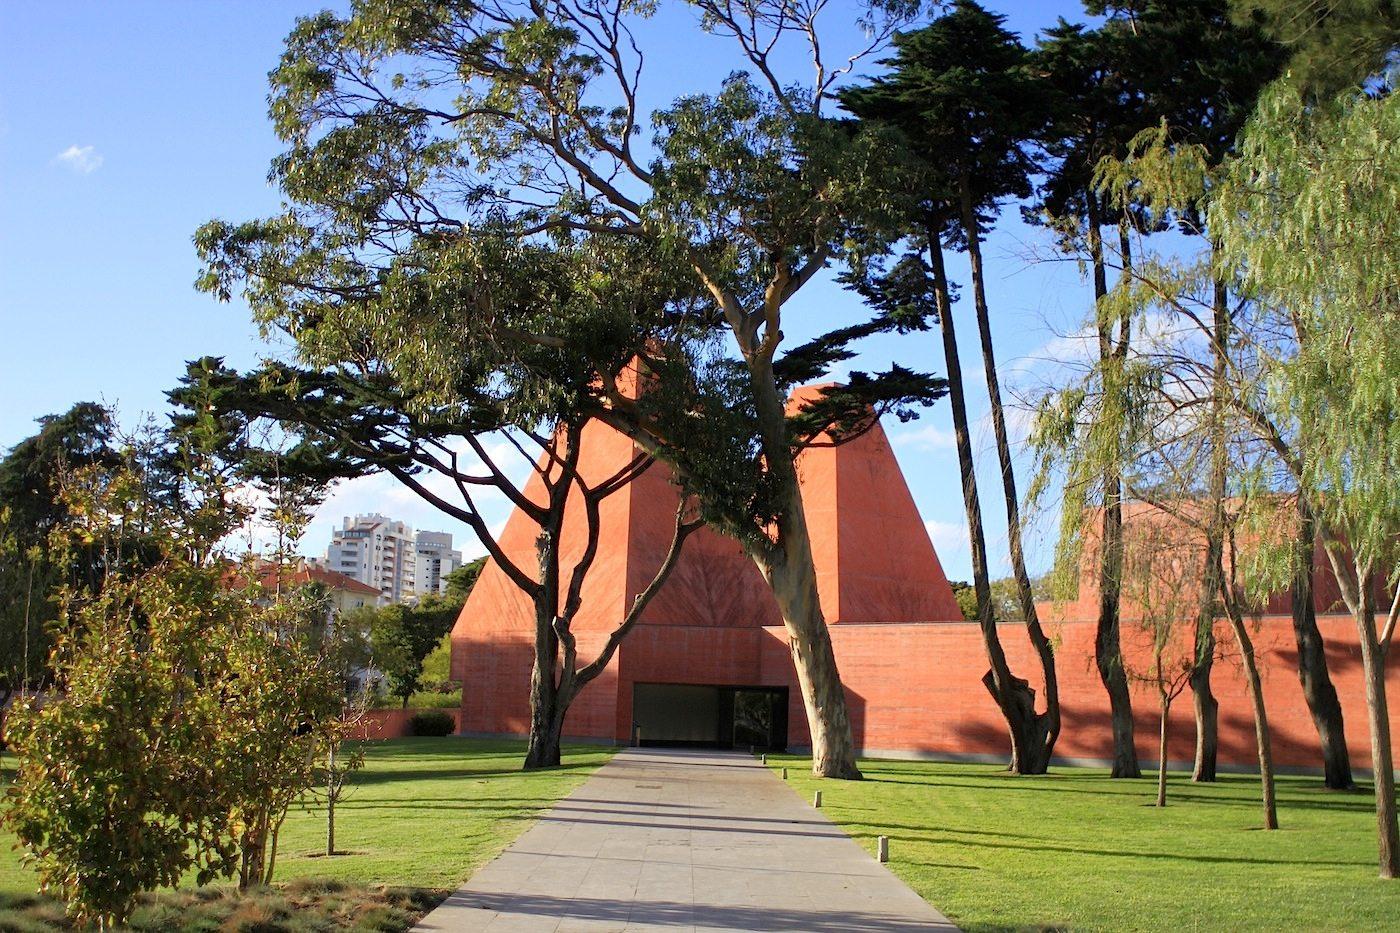 """Haus der Geschichten Paula Rego.  """"Beim Vermessen und der Aufnahme des alten Baumbestandes entwickelte ich die Idee, eine Anzahl von Körpern mit verschiedenen Höhen und Volumina zu schaffen. Sie sollten auch ein Ausdruck der Vielfalt des inneren Programmes des Museums sein"""". –Eduardo Souto de Moura"""